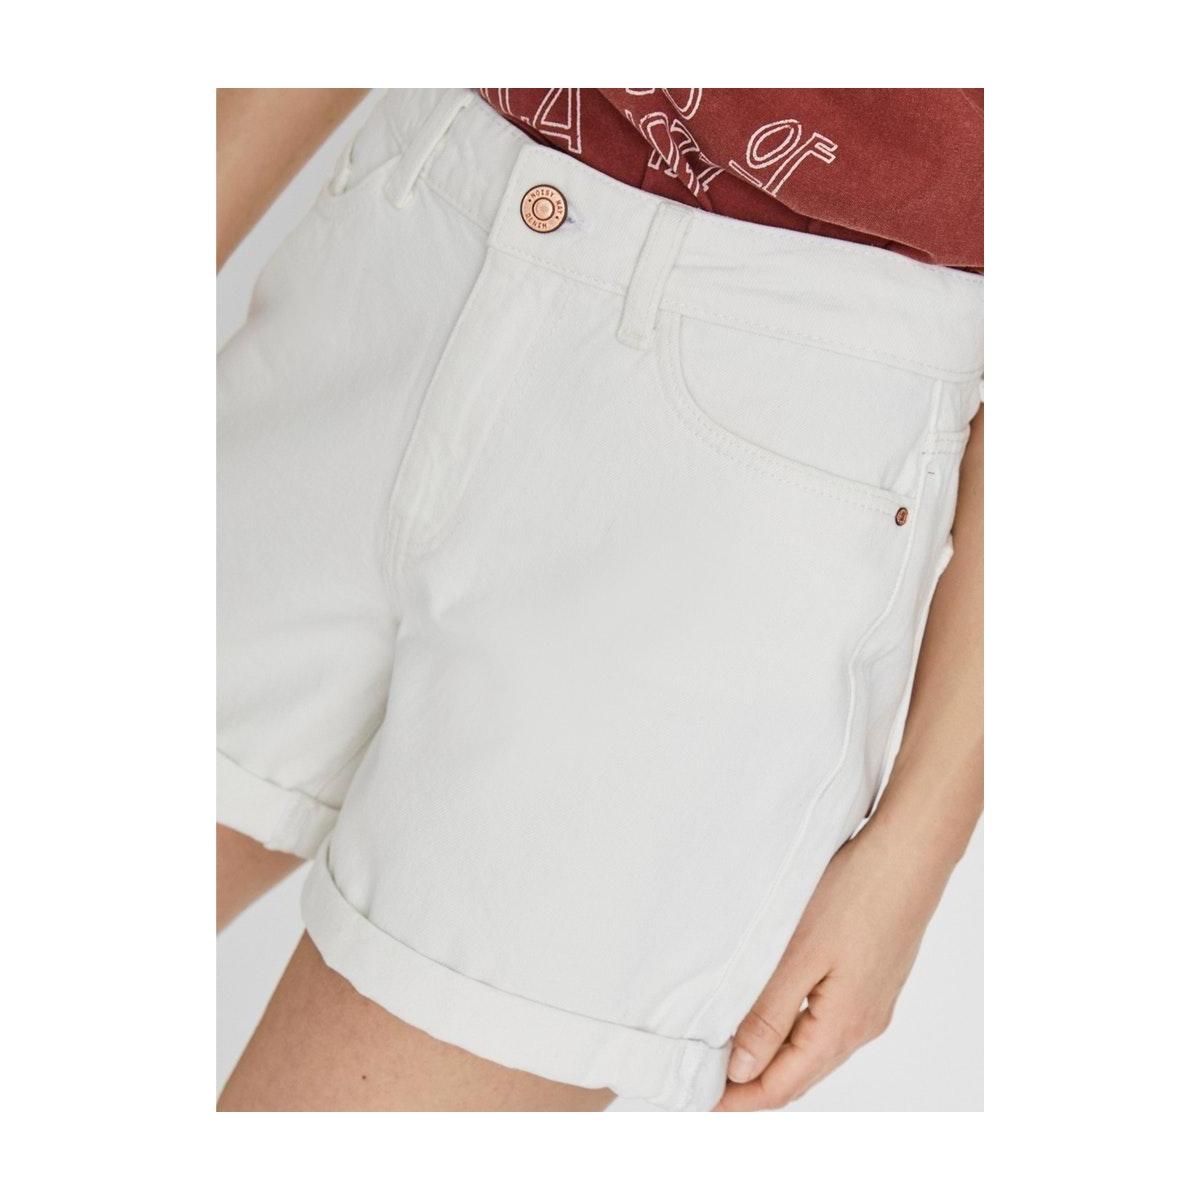 nmsmiley  nw  shorts vi067bw 27011992 noisy may korte broek bright white